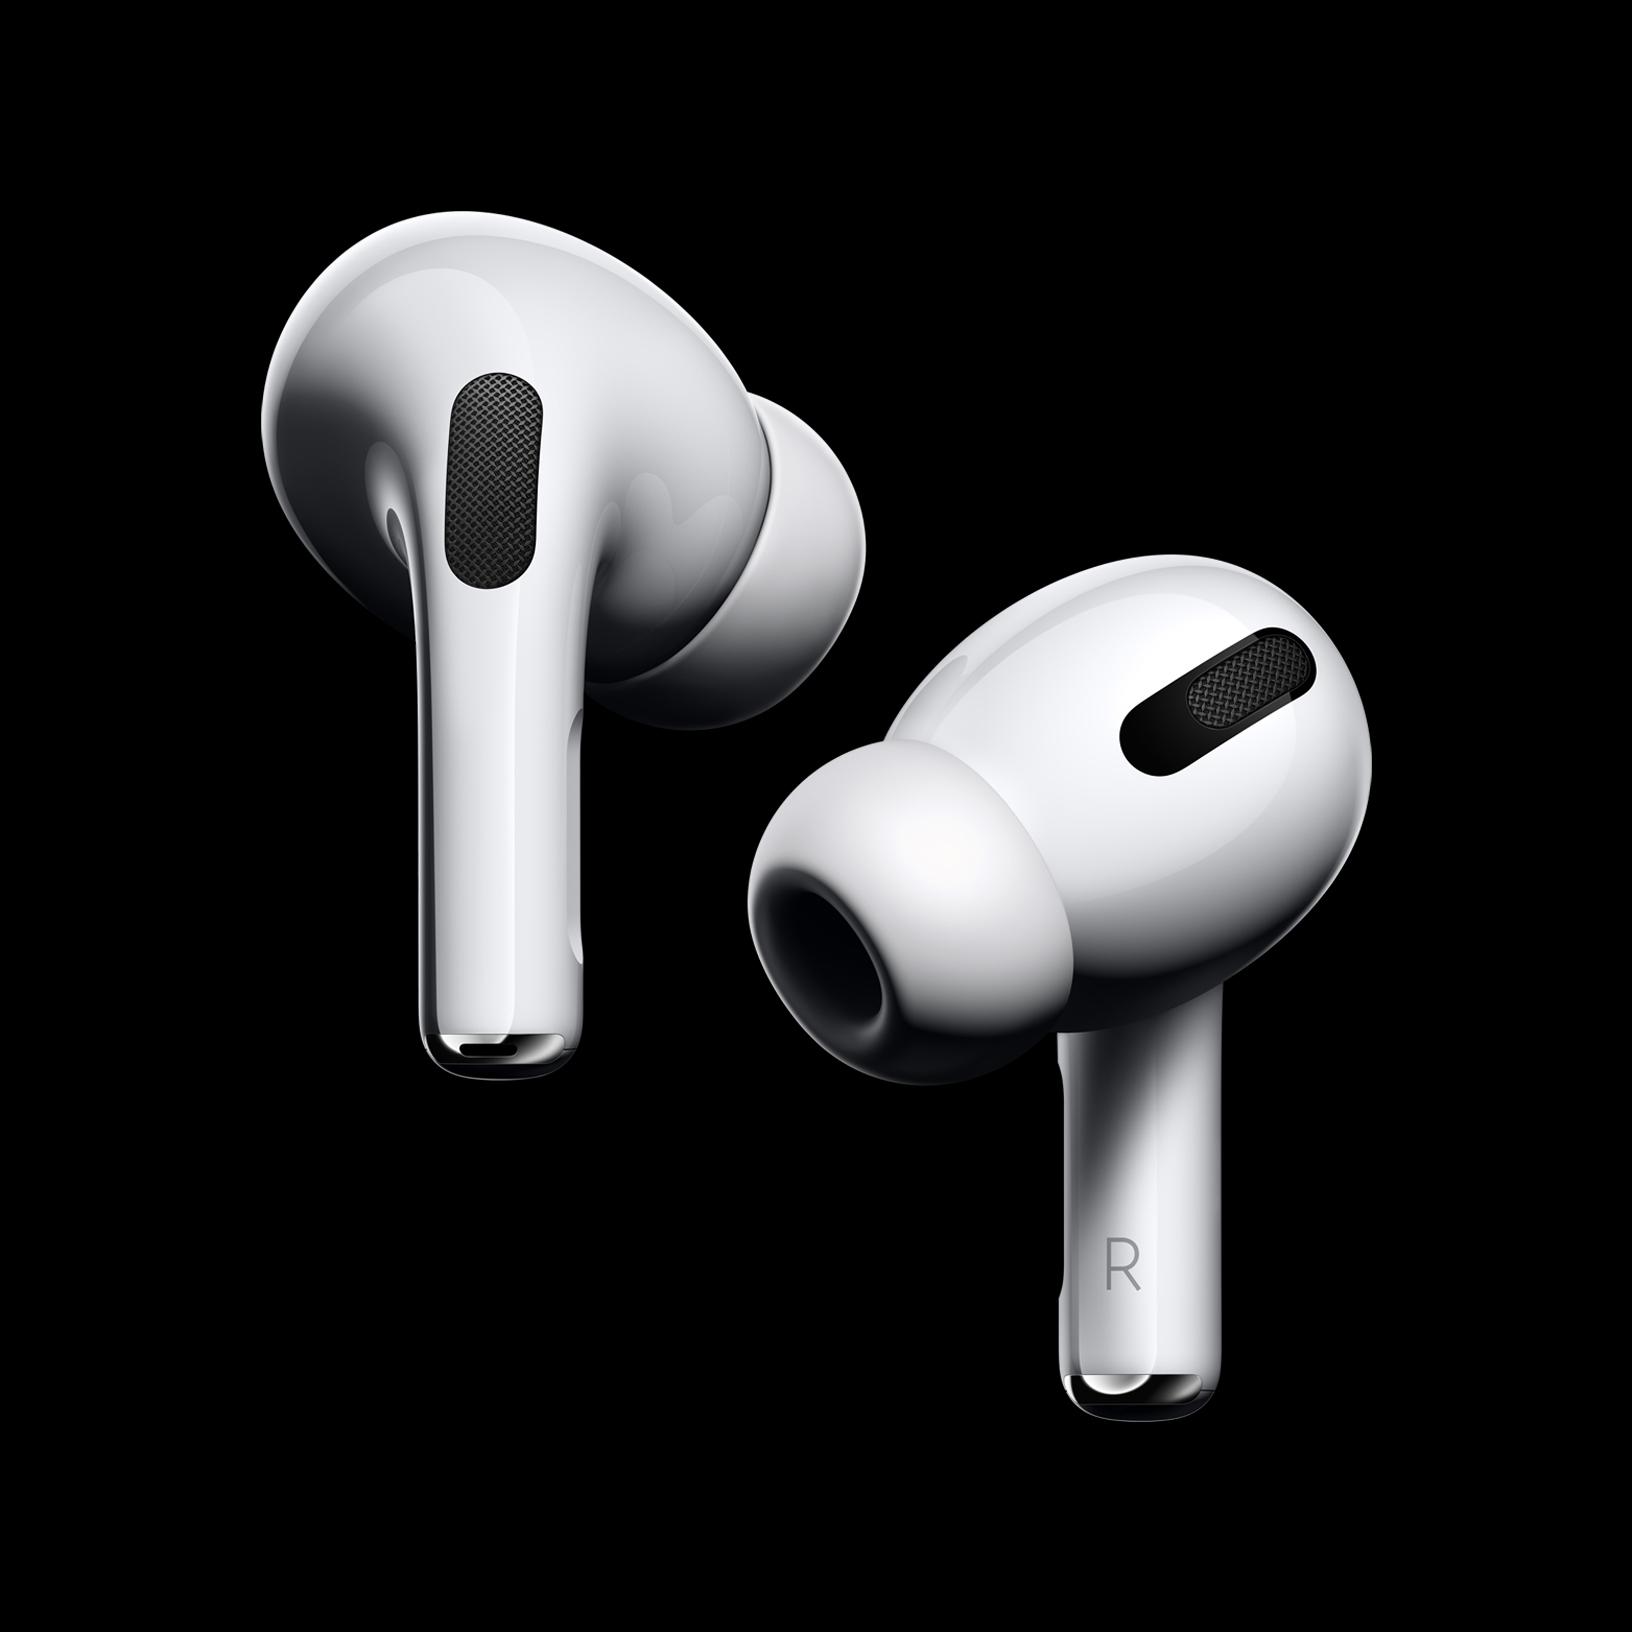 Apple AirPods Pro : ne perdez surtout pas l'un des écouteurs